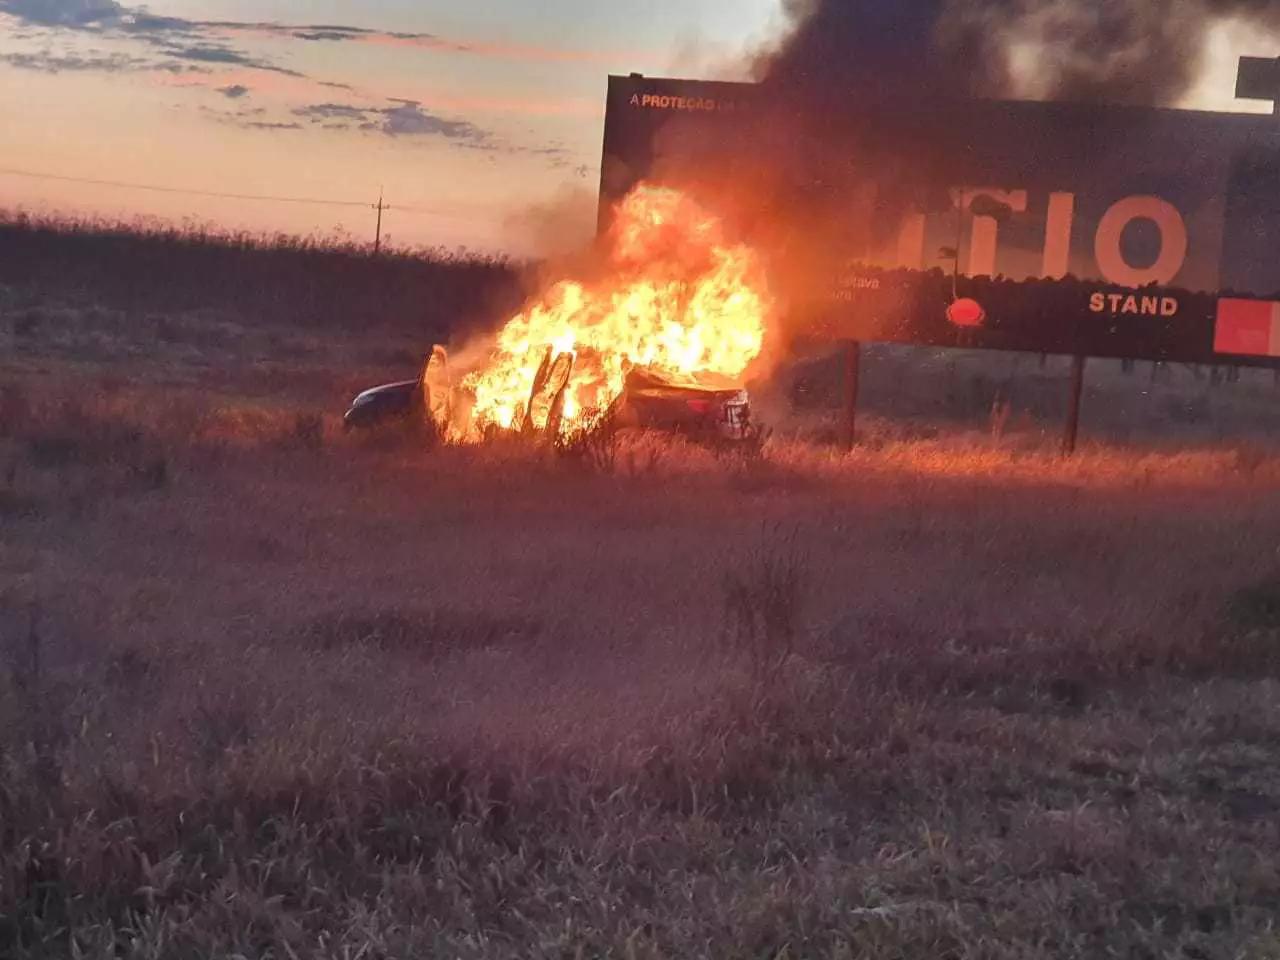 Carro equanto era consumido pelo fogo.